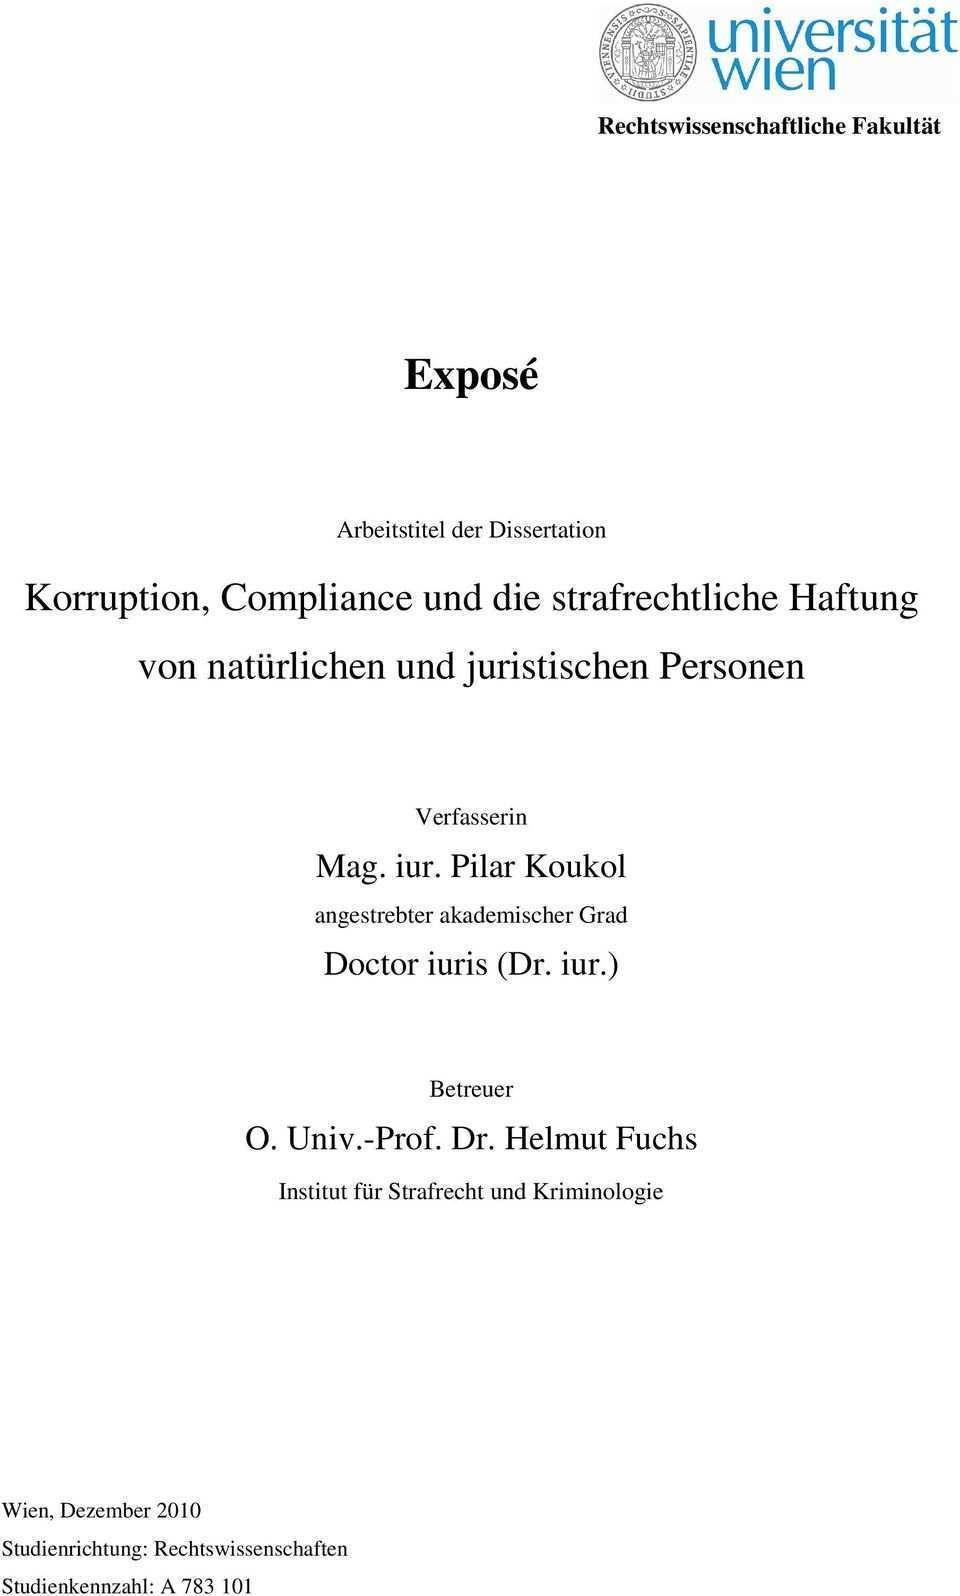 Expose Arbeitstitel Der Dissertation Korruption Compliance Und Die Strafrechtliche Haftung Von Naturlichen Und Juristischen Personen Pdf Free Download